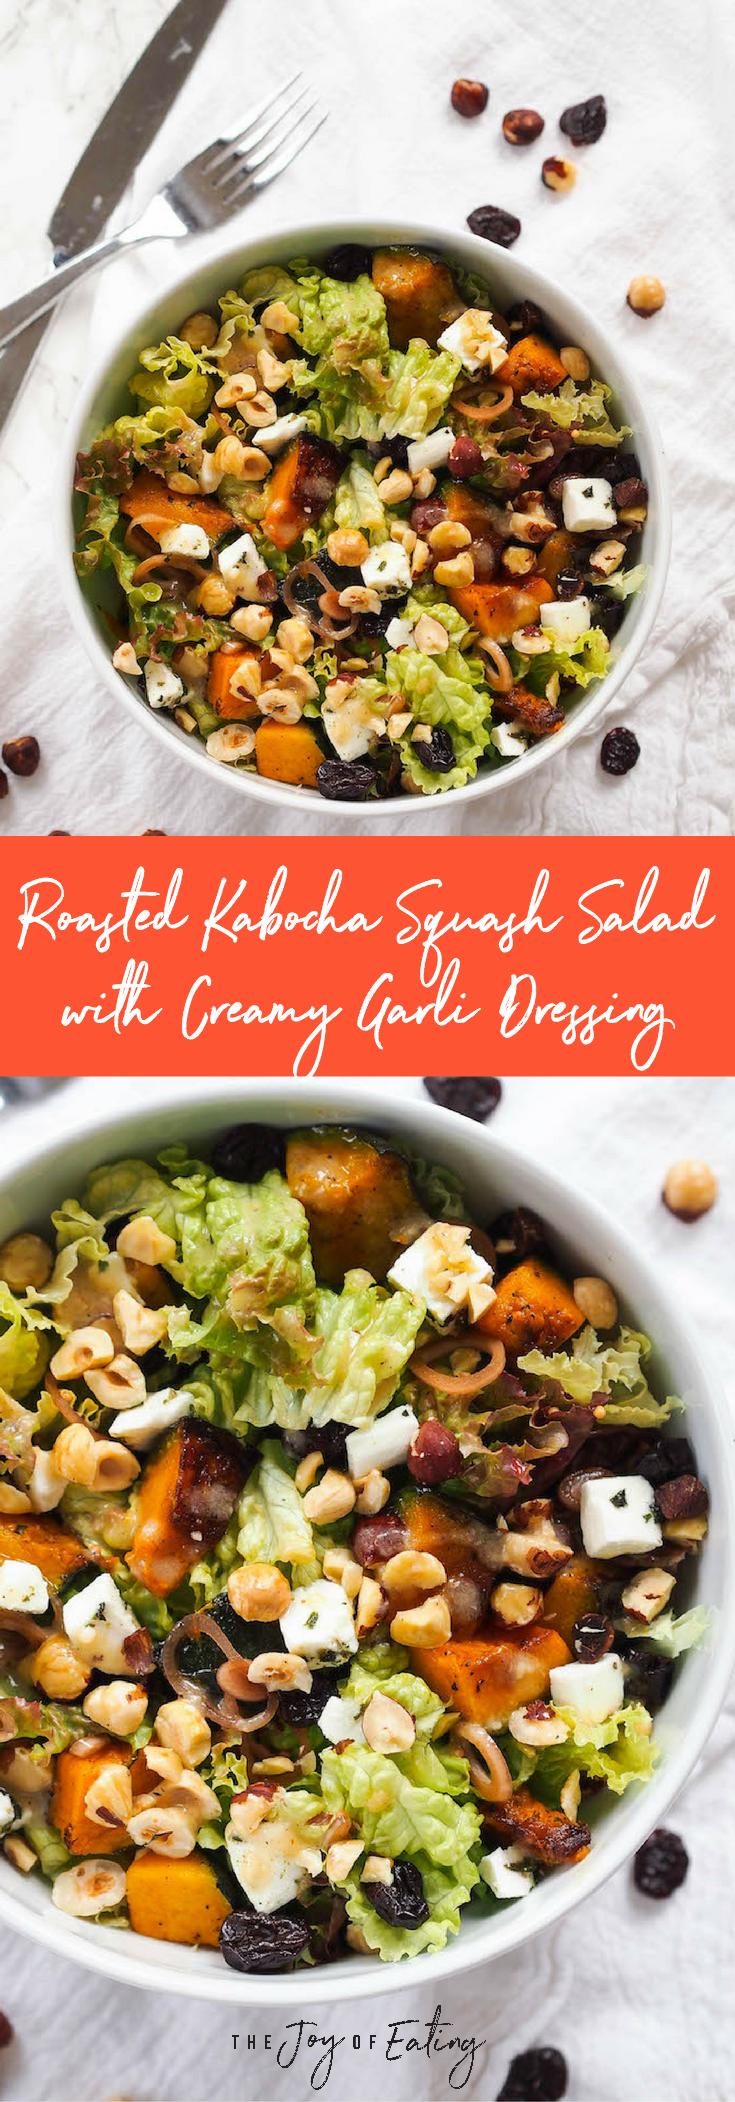 Roasted Kabocha Squash Salad.png